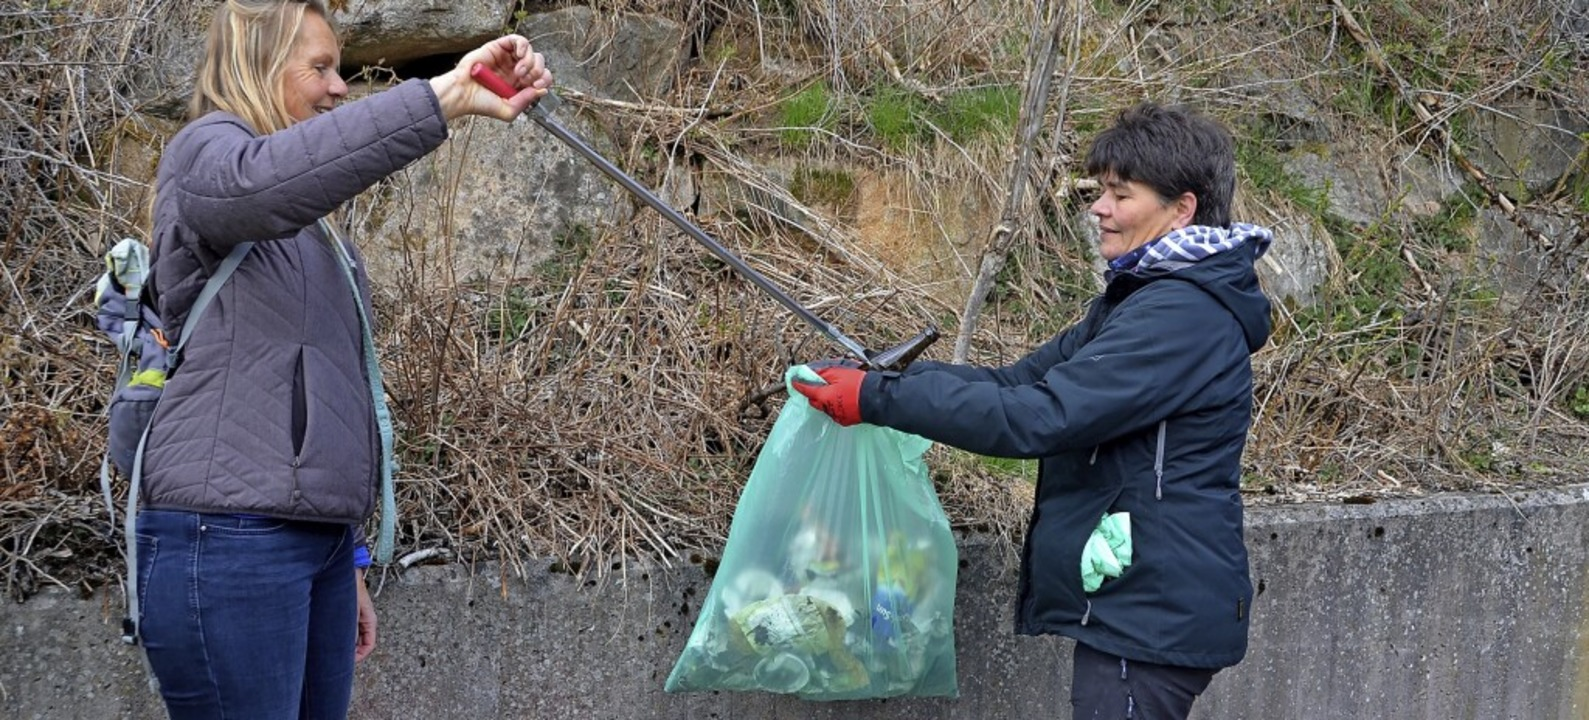 Die Müllsäcke füllen sich schnell, in ...ngenen Monaten wurde viel weggeworfen.  | Foto: Christiane Sahli